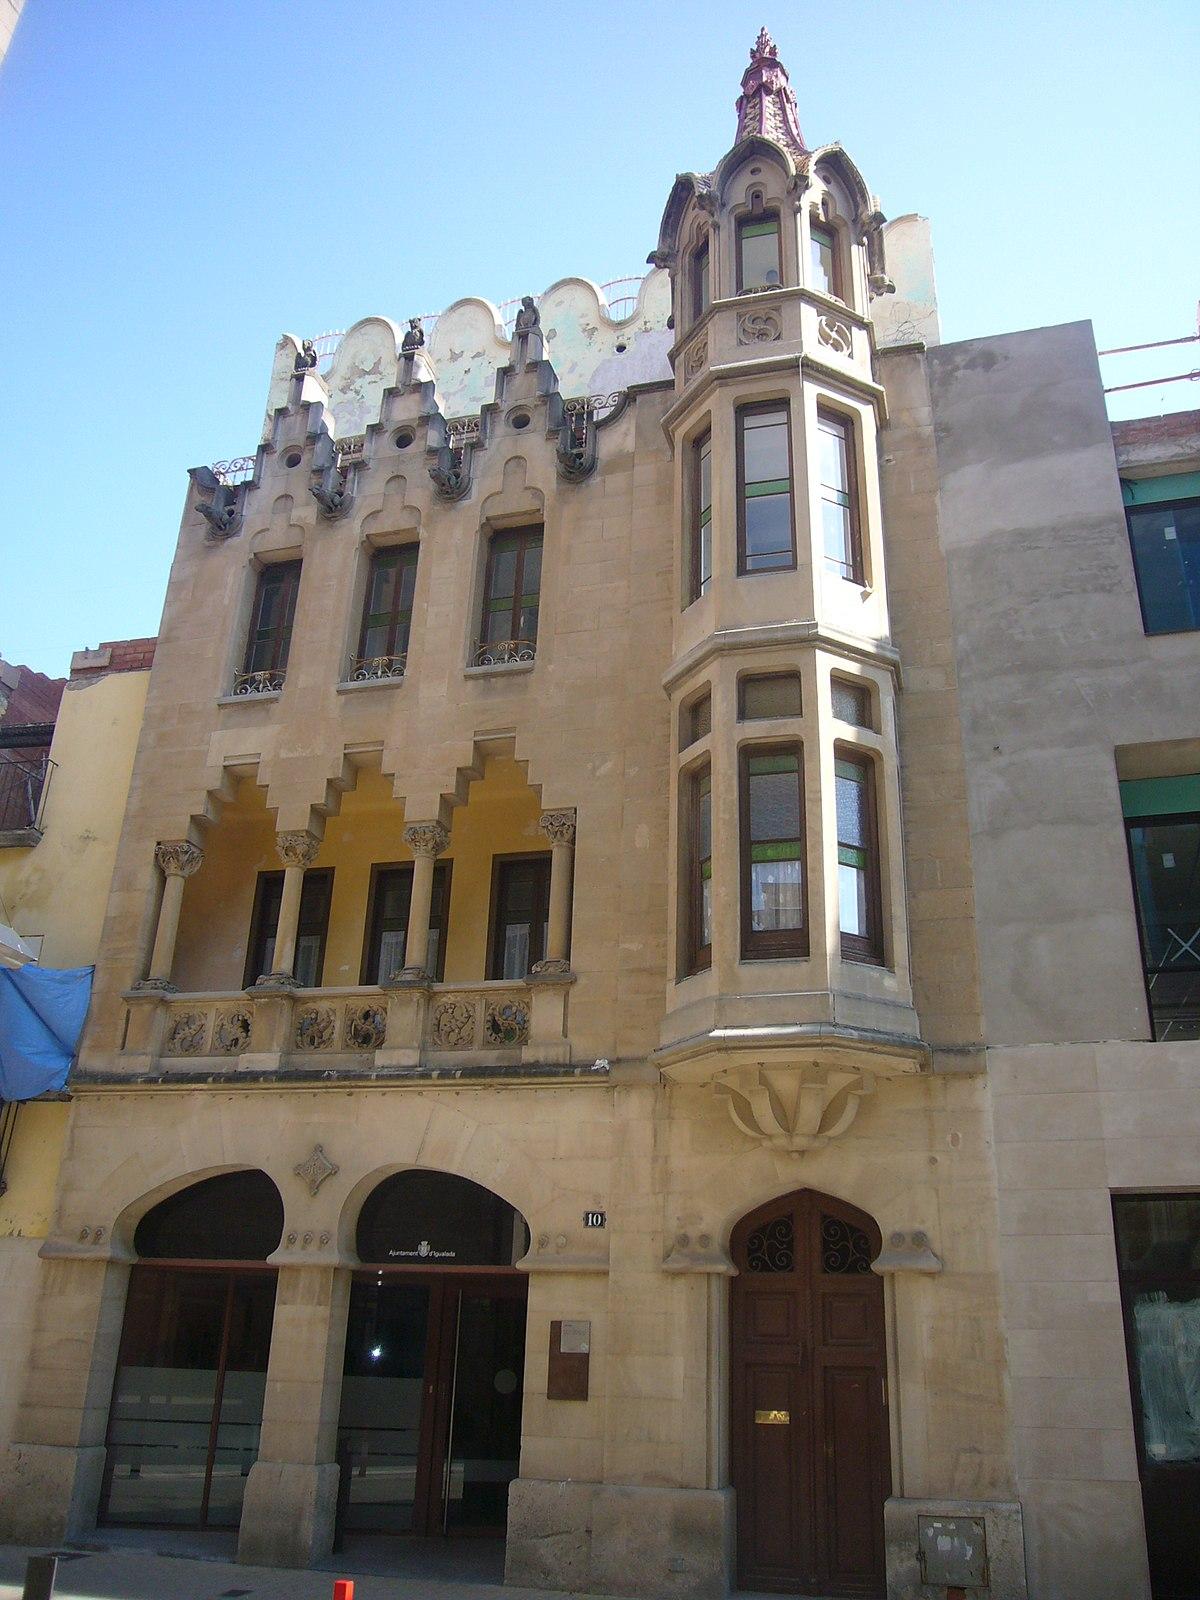 Anoia - Viquipèdia, l'enciclopèdia lliure